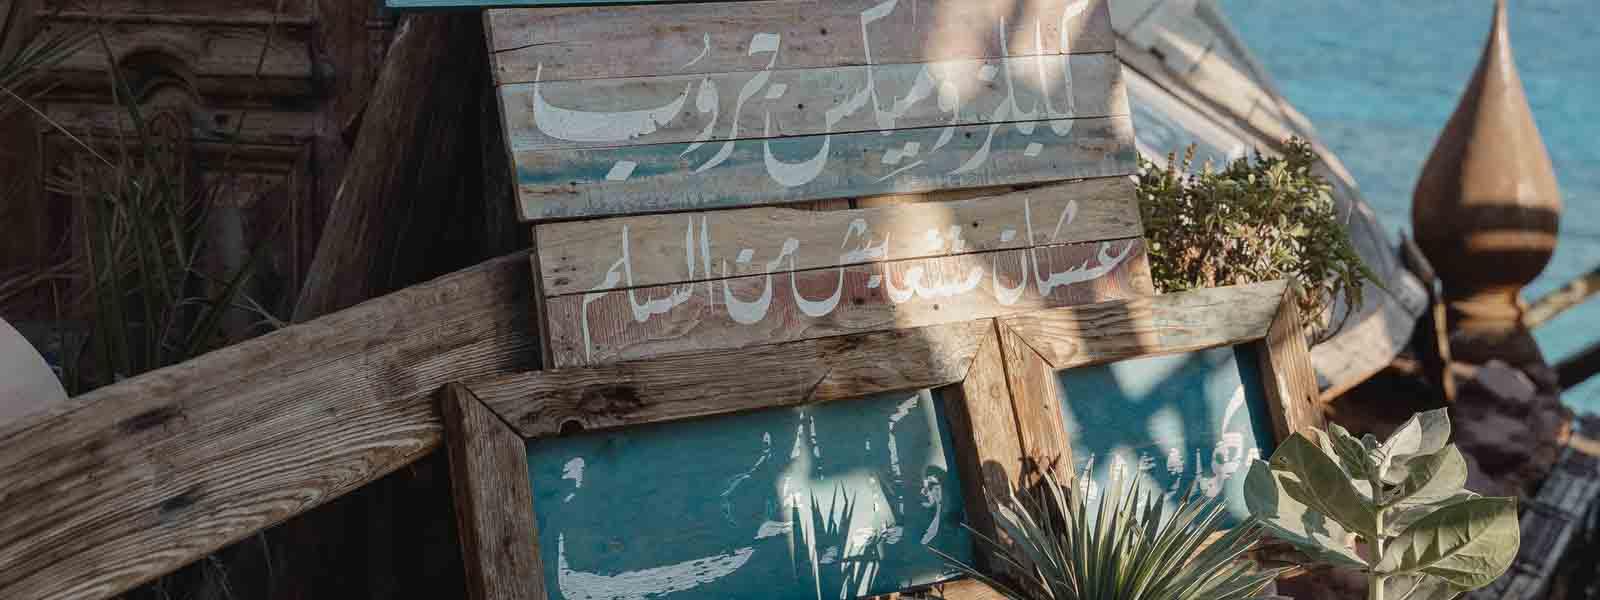 برنامج سياحي في مصر لمدة 10 أيام